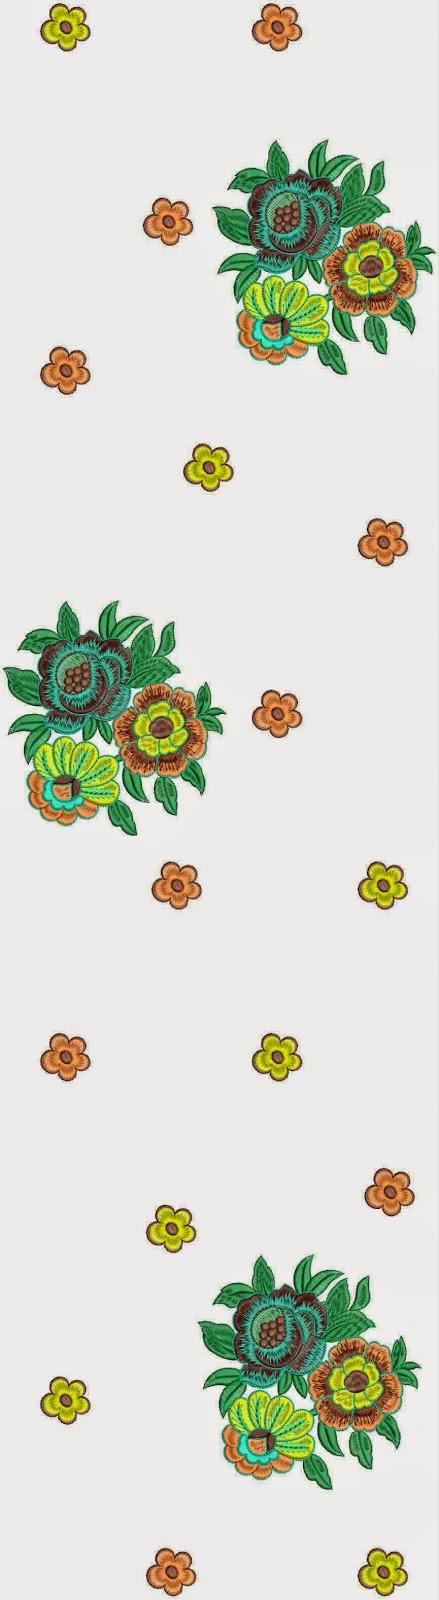 Kleurige naaldwerk borduurwerk serp